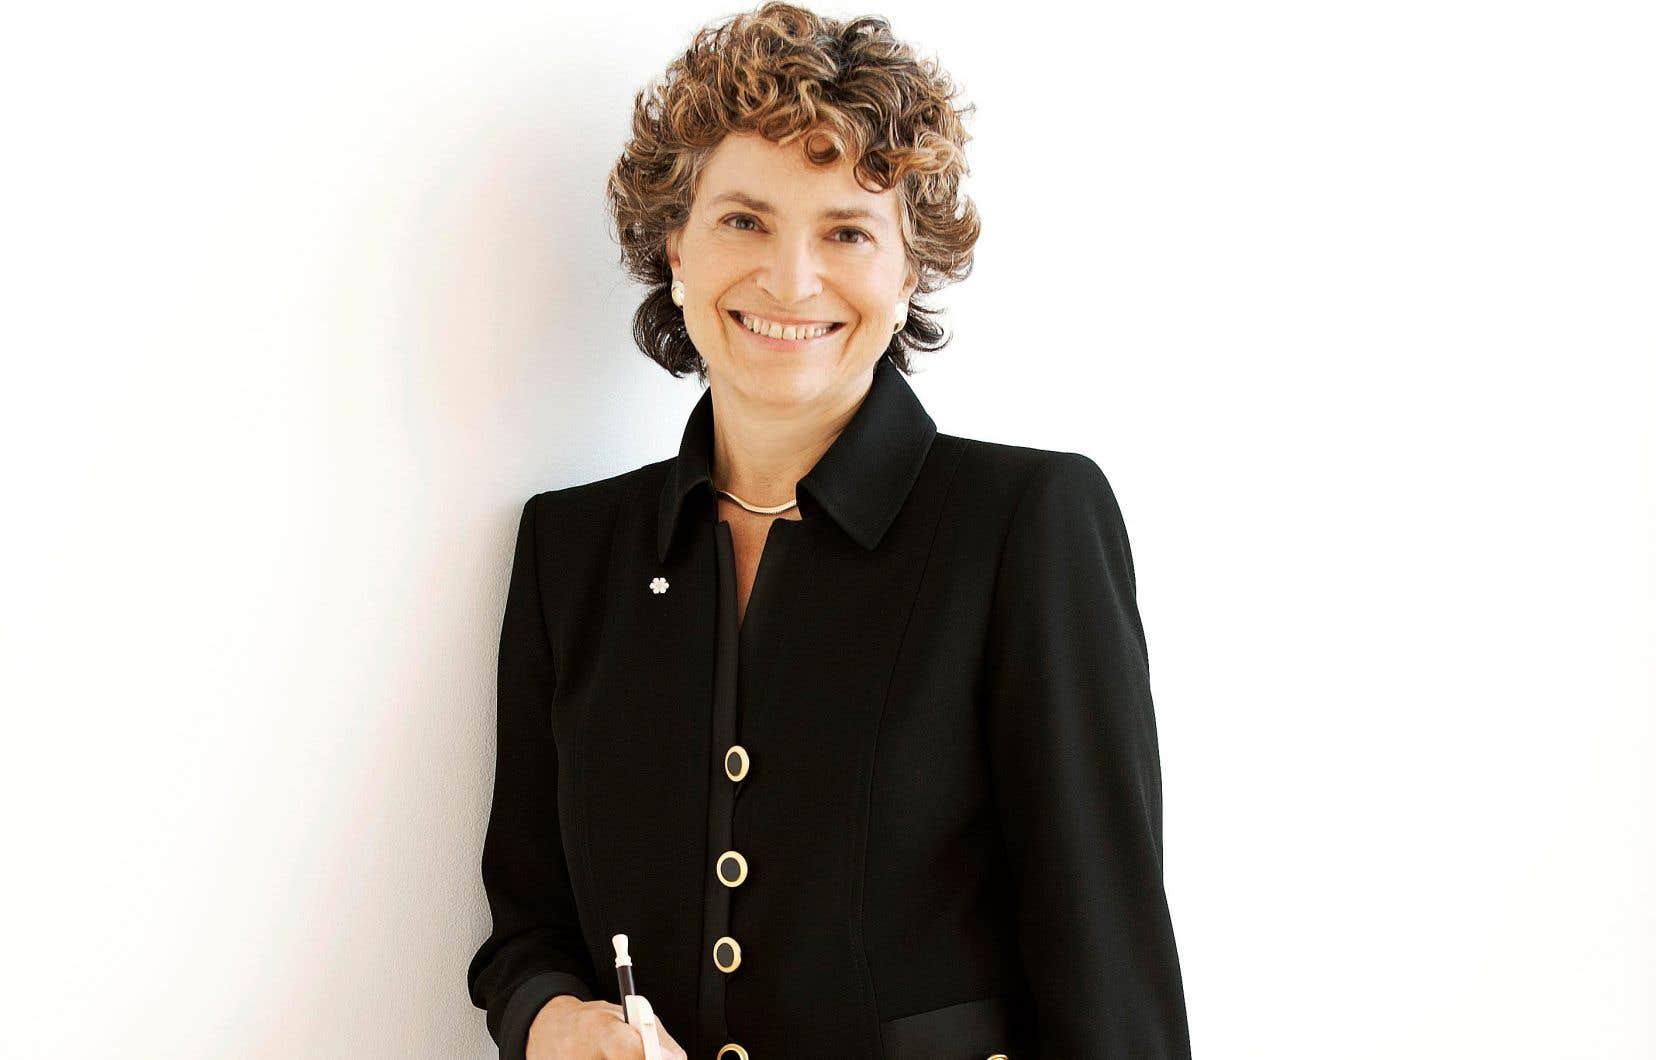 «Figure influente» de la musique baroque, Jeanne Lamon a été à la tête de l'orchestre Tafelmusik de Toronto durant 33 ans, jusqu'en 2014. Elle a aidé à positionner sa ville d'adoption comme un des centres les plus importants de musique baroque sur le continent nord-américain.